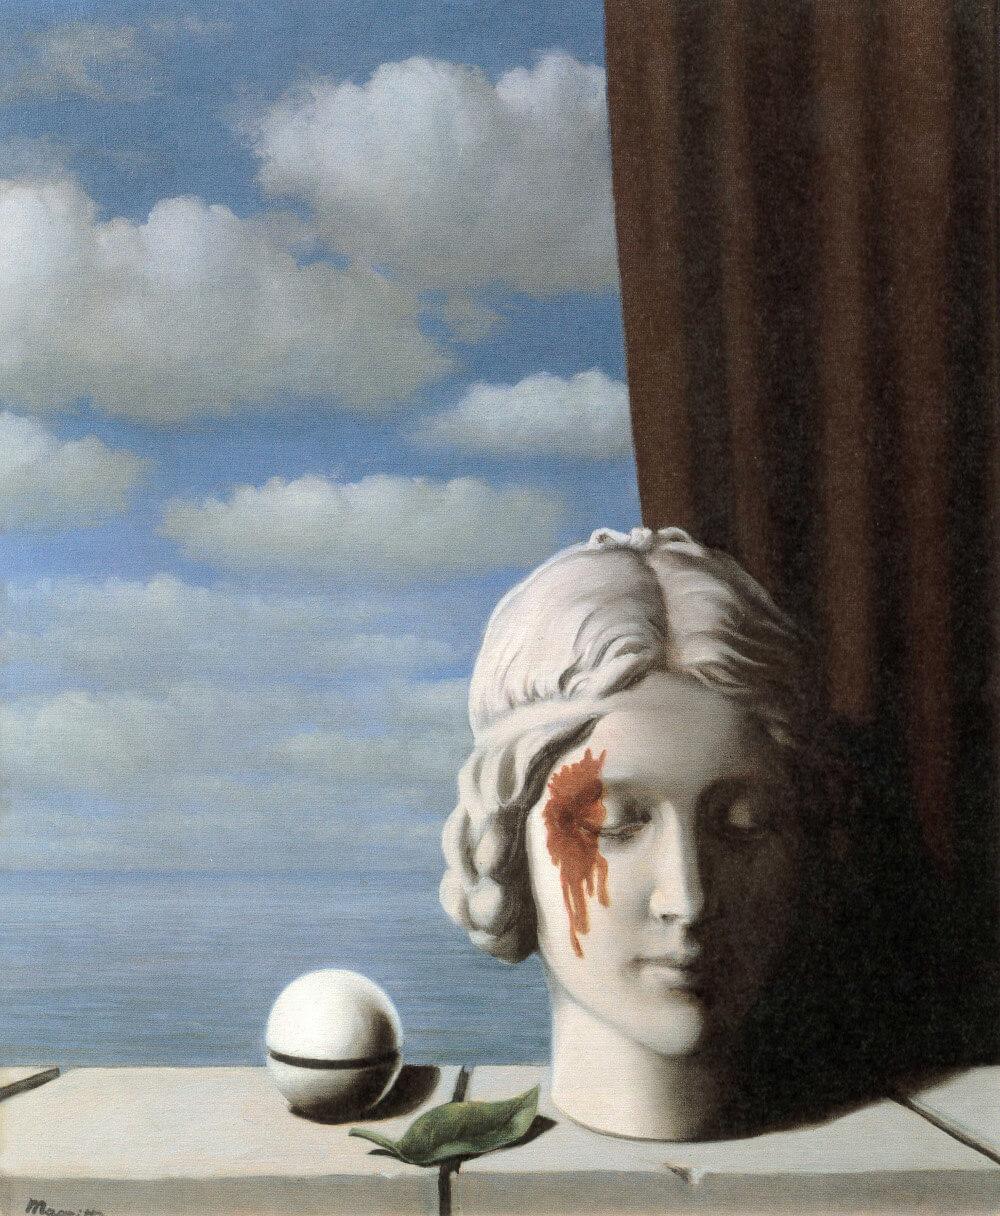 René Magritte La mémoire 1948, Öl auf Leinwand 60 x 50 cm, Fédération Wallonie-Bruxelles, Ministère de la Communauté française, Bruxelles (Bild: © Prolitteris 2018)